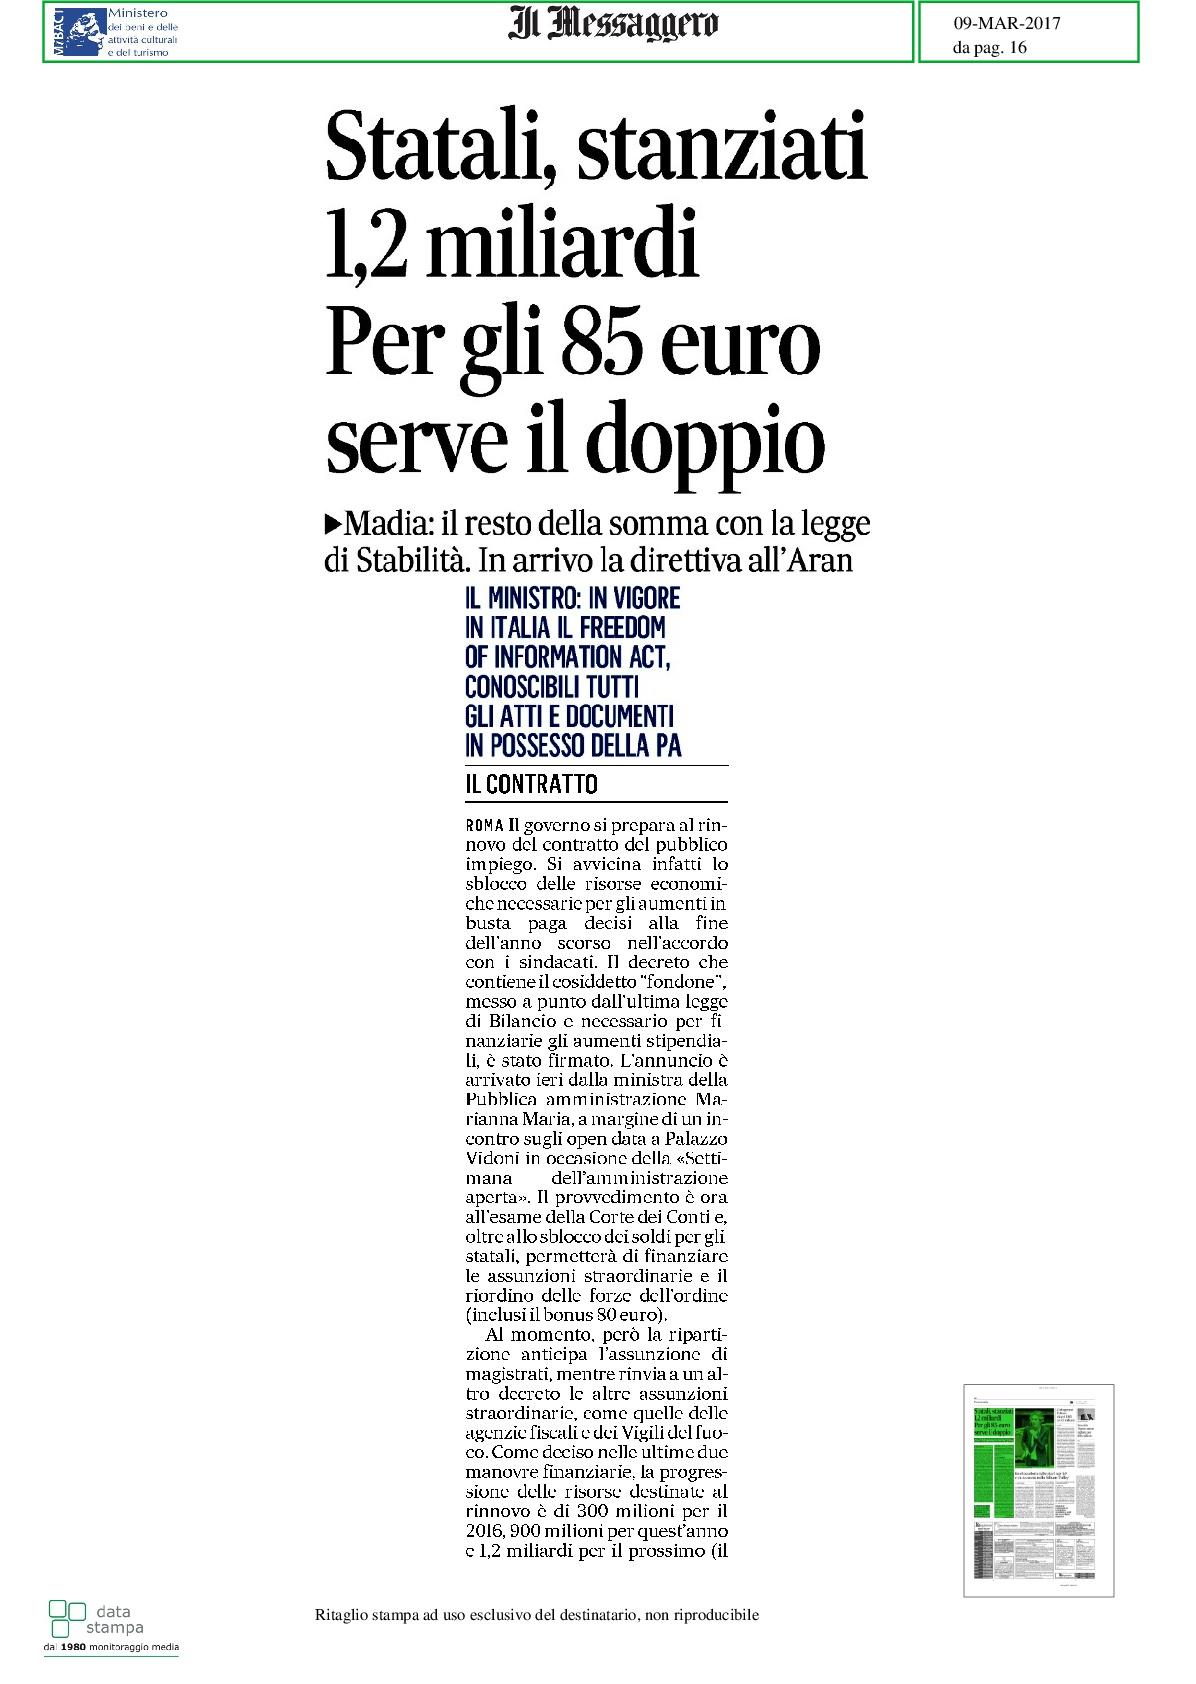 Articolo-Messaggero-09.03.17-001